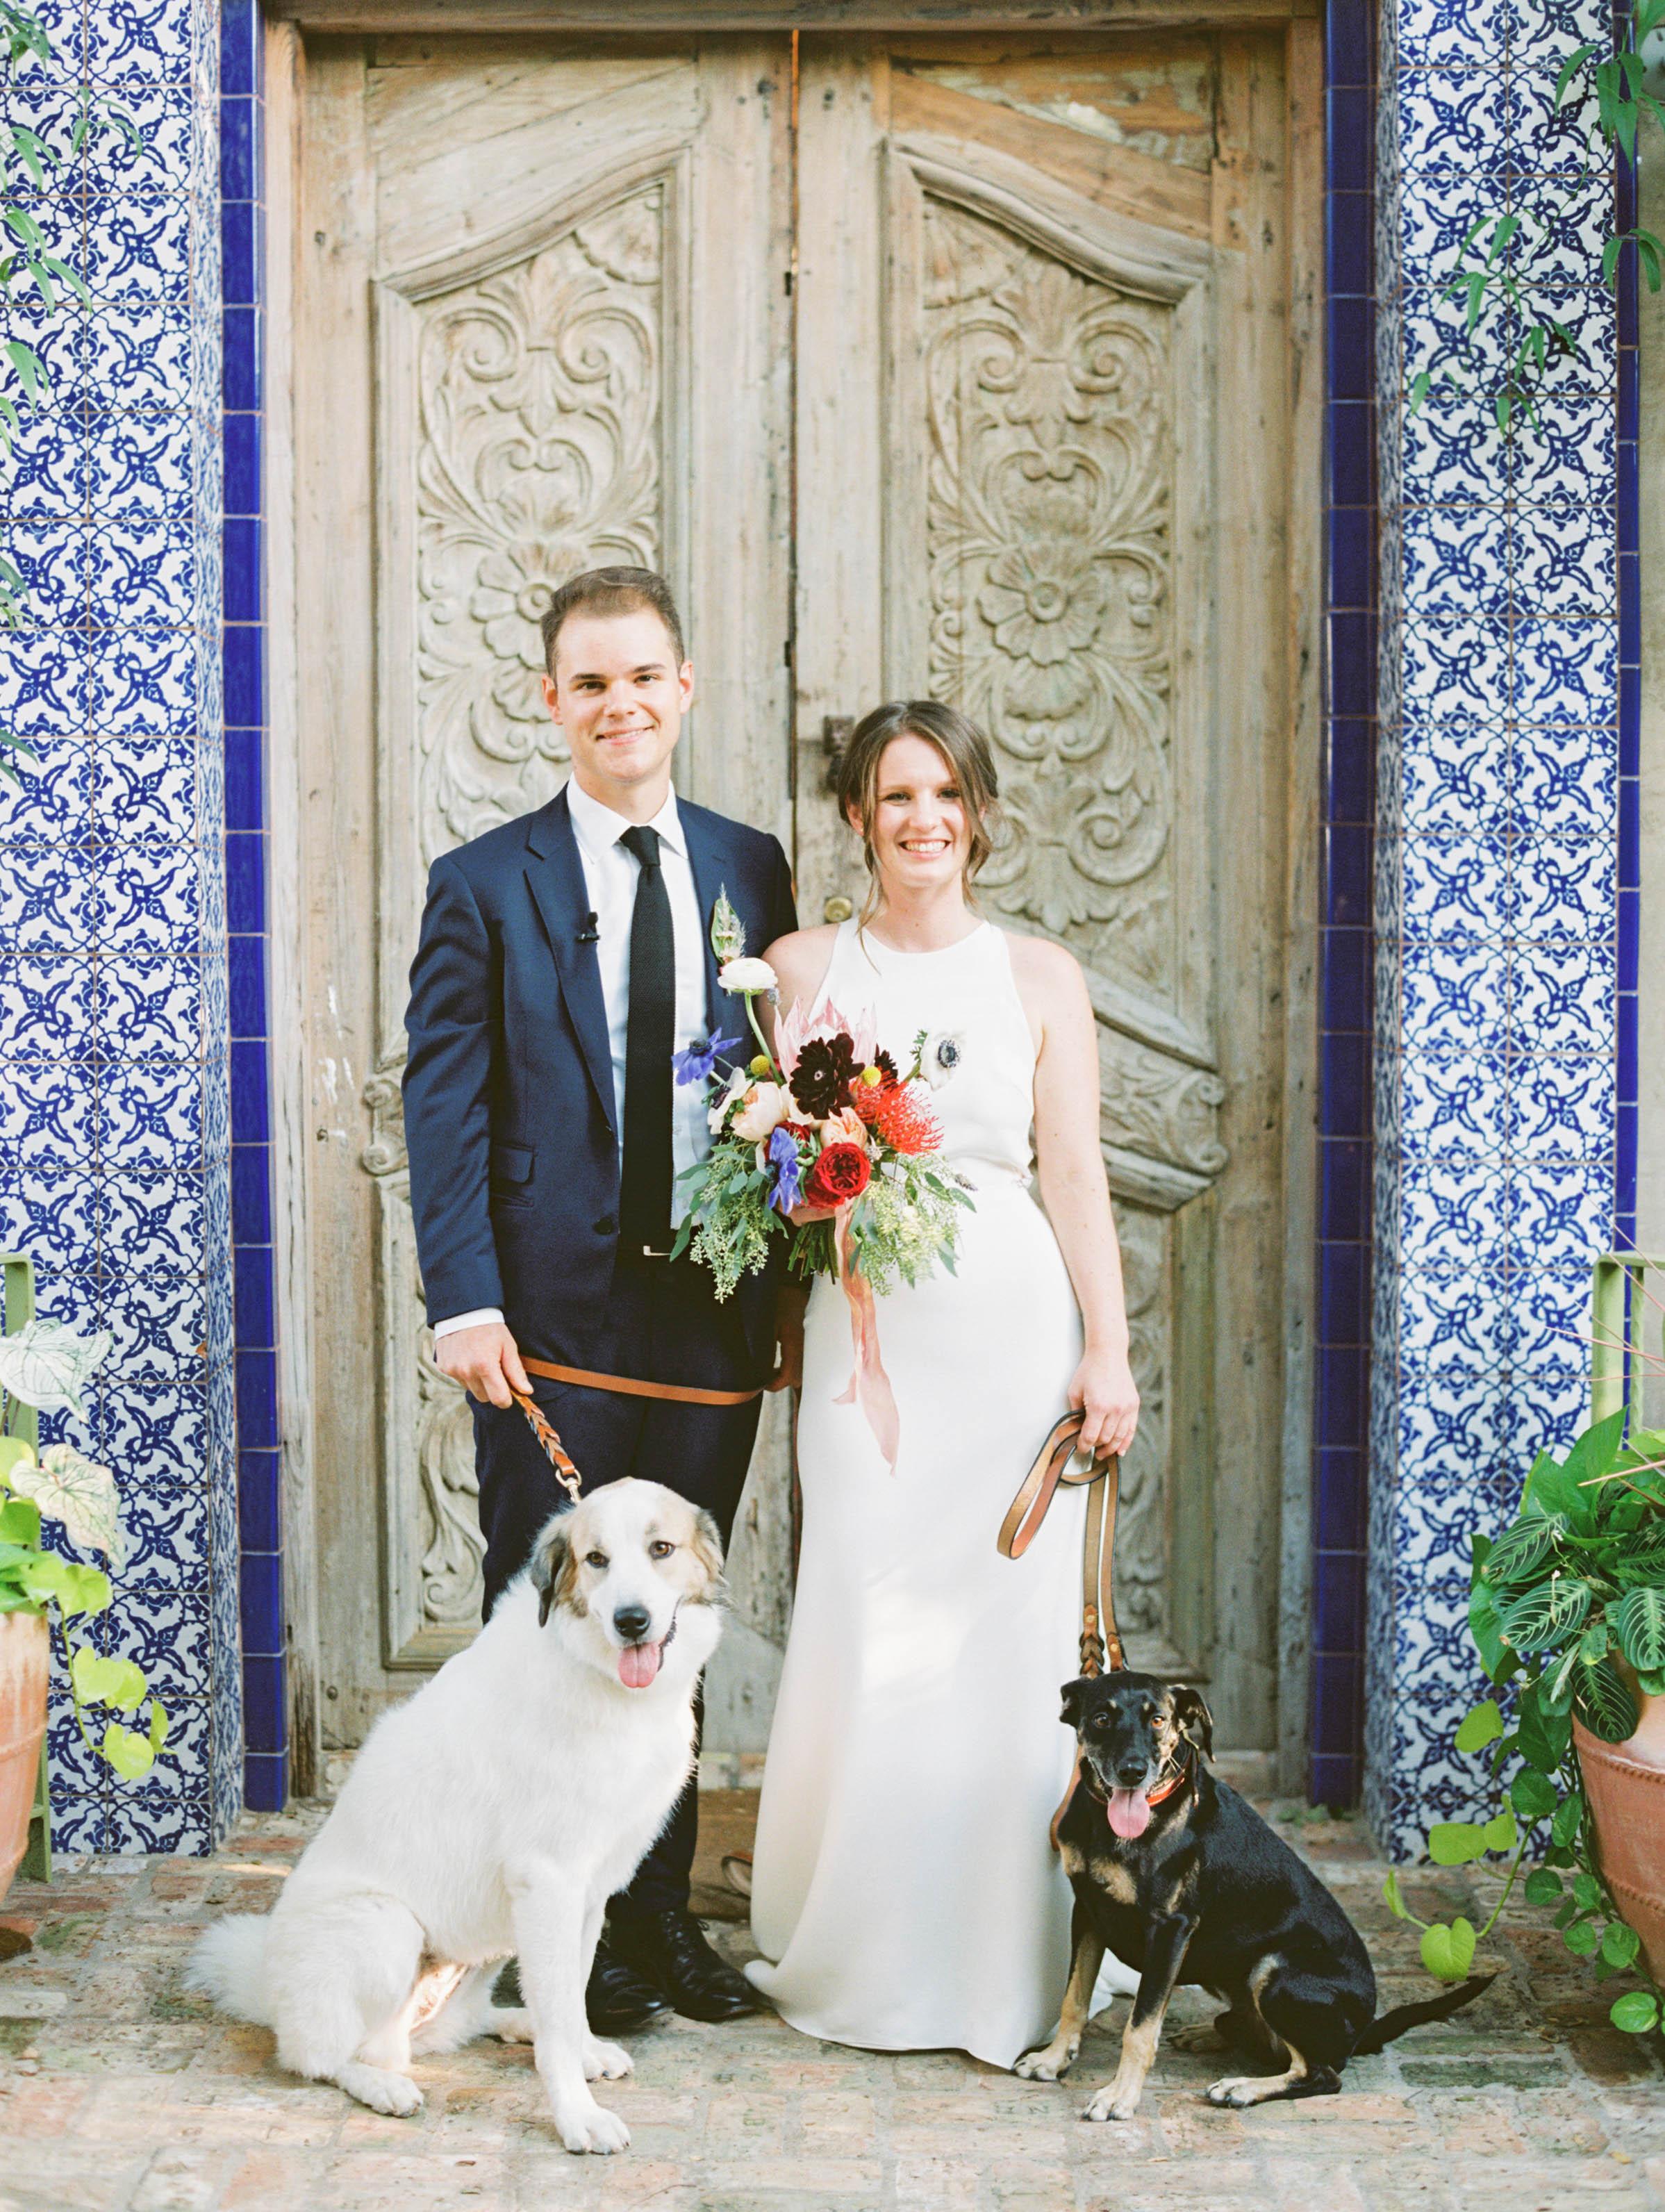 Alex-Kyrany-Wedding-Jennifers-Gardens-198.jpg